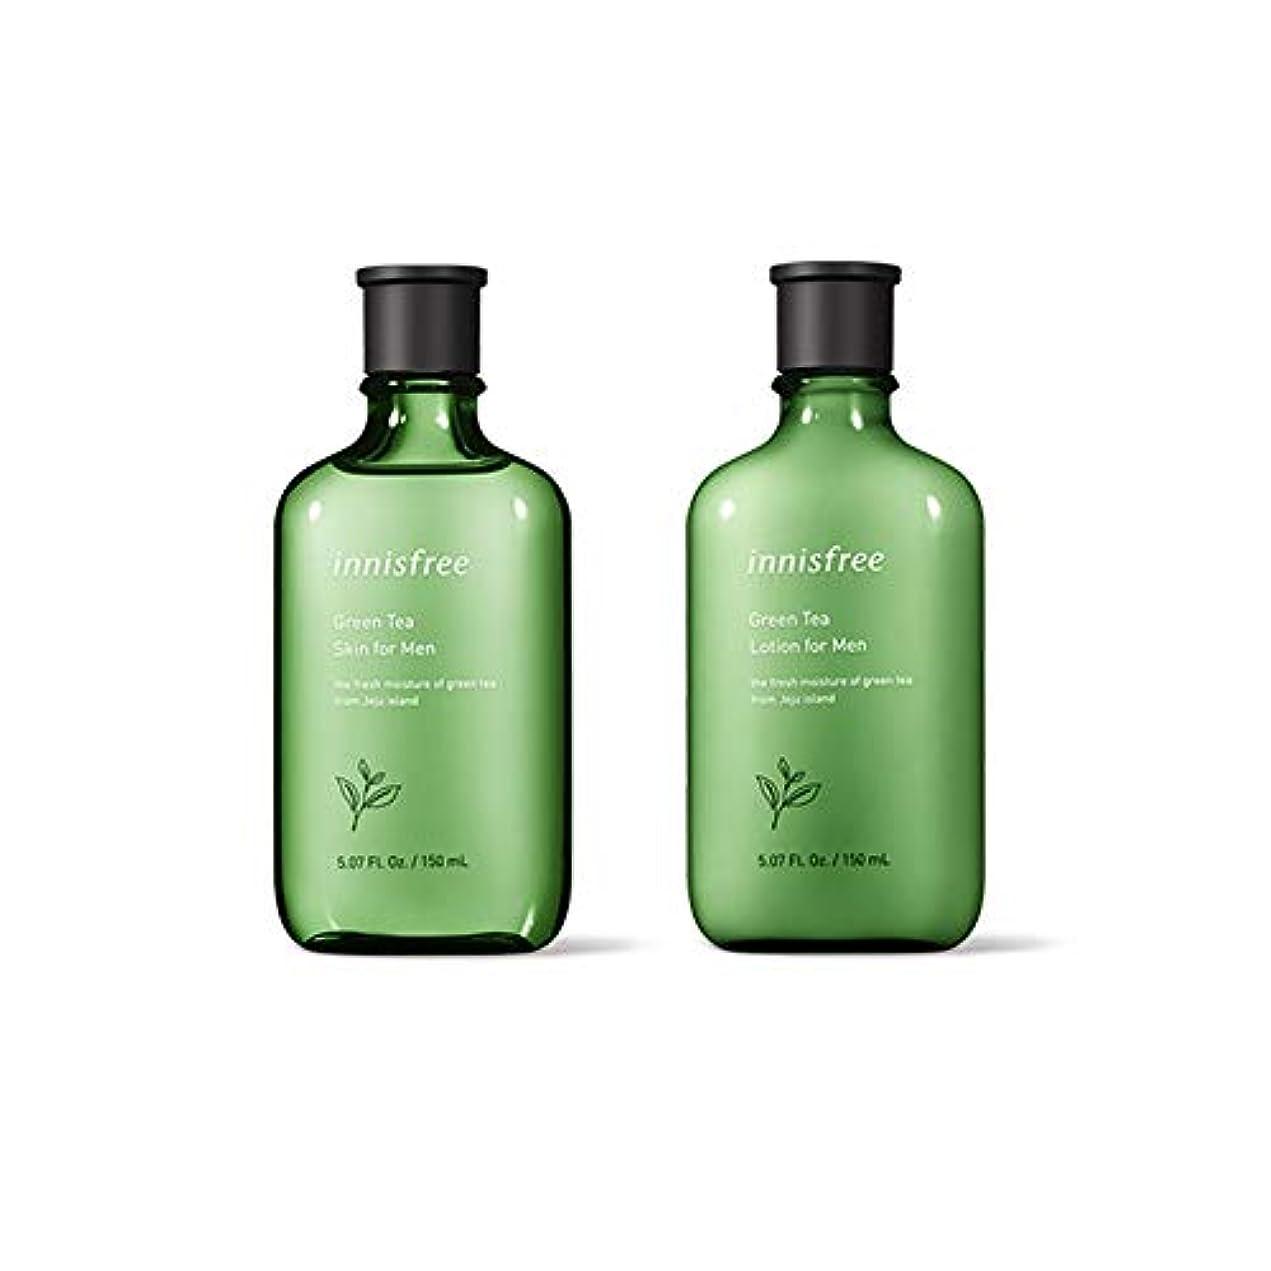 スクリーチ高い陰気イニスフリー Innisfree グリーンティースキン & ローションセットフォーメン(150ml+150ml) Innisfree Green Tea Skin & Lotion Set For Men(150ml+150ml...